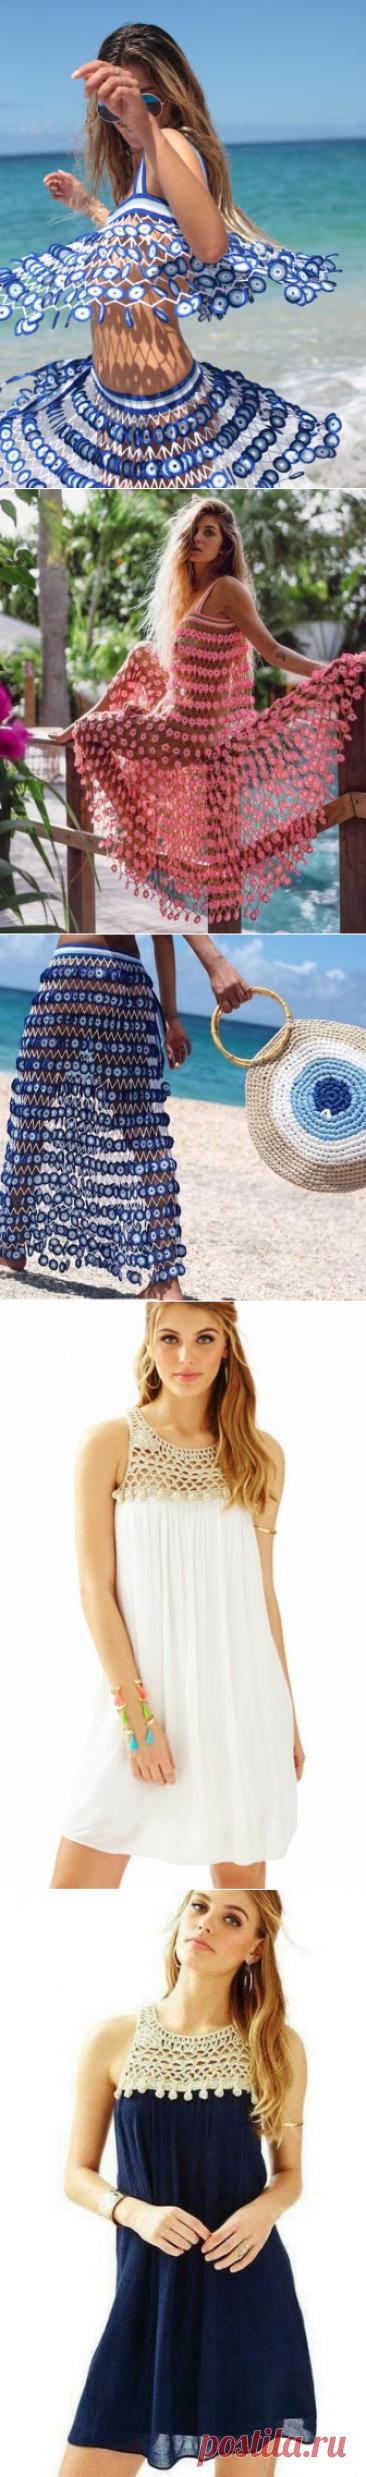 Необычные идеи для пляжа. Вяжем крючком. | Магия творчества | Яндекс Дзен